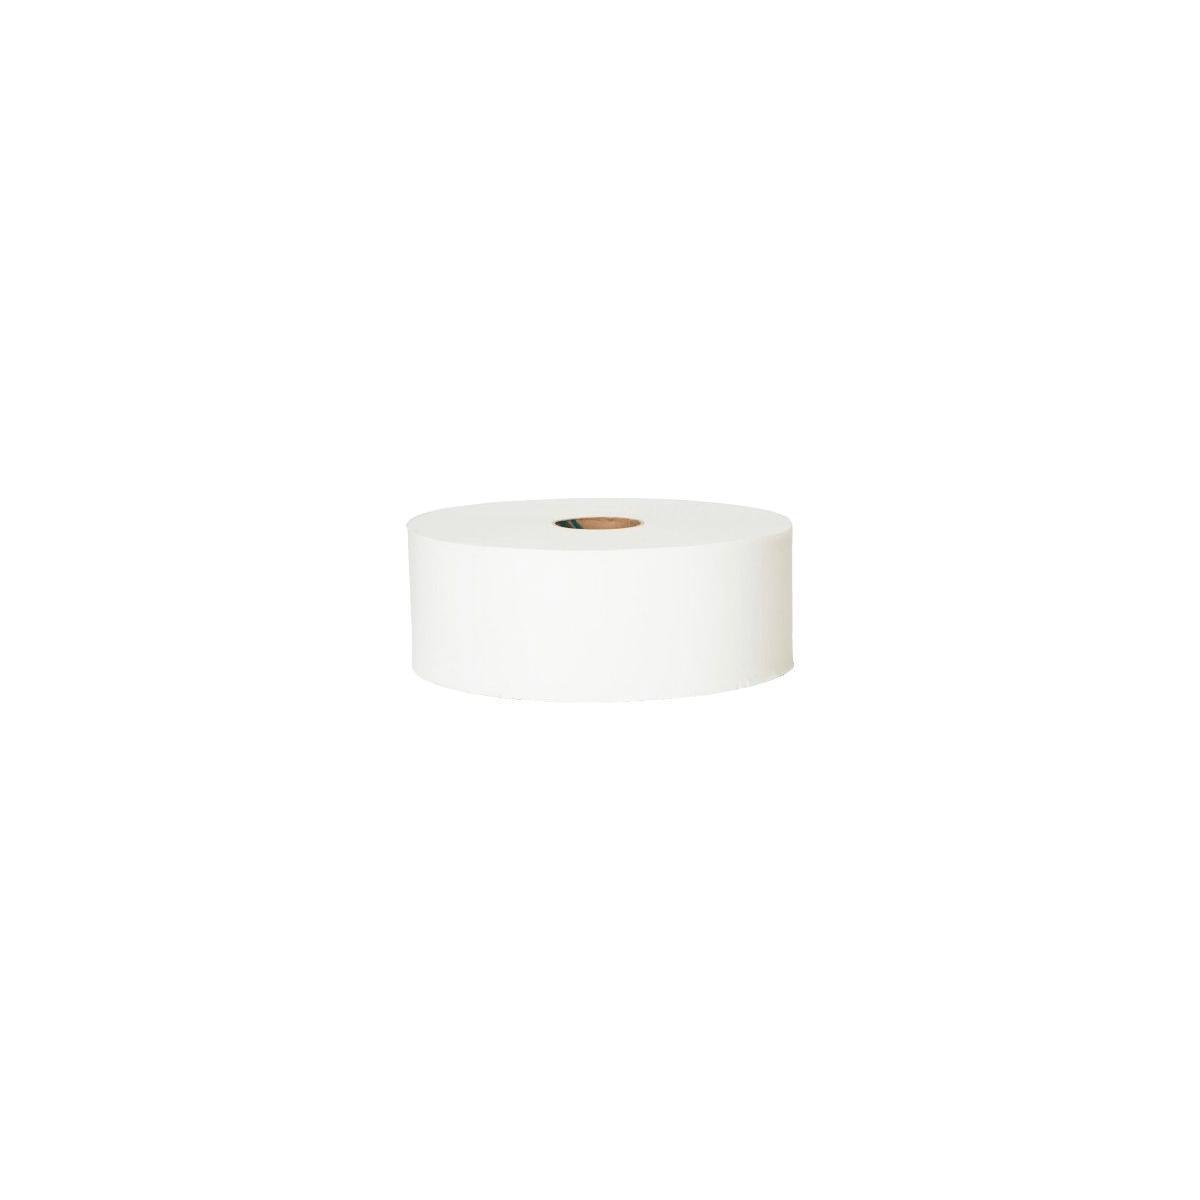 Tork Jumbo Toilet Roll Dispenser White Noble Express